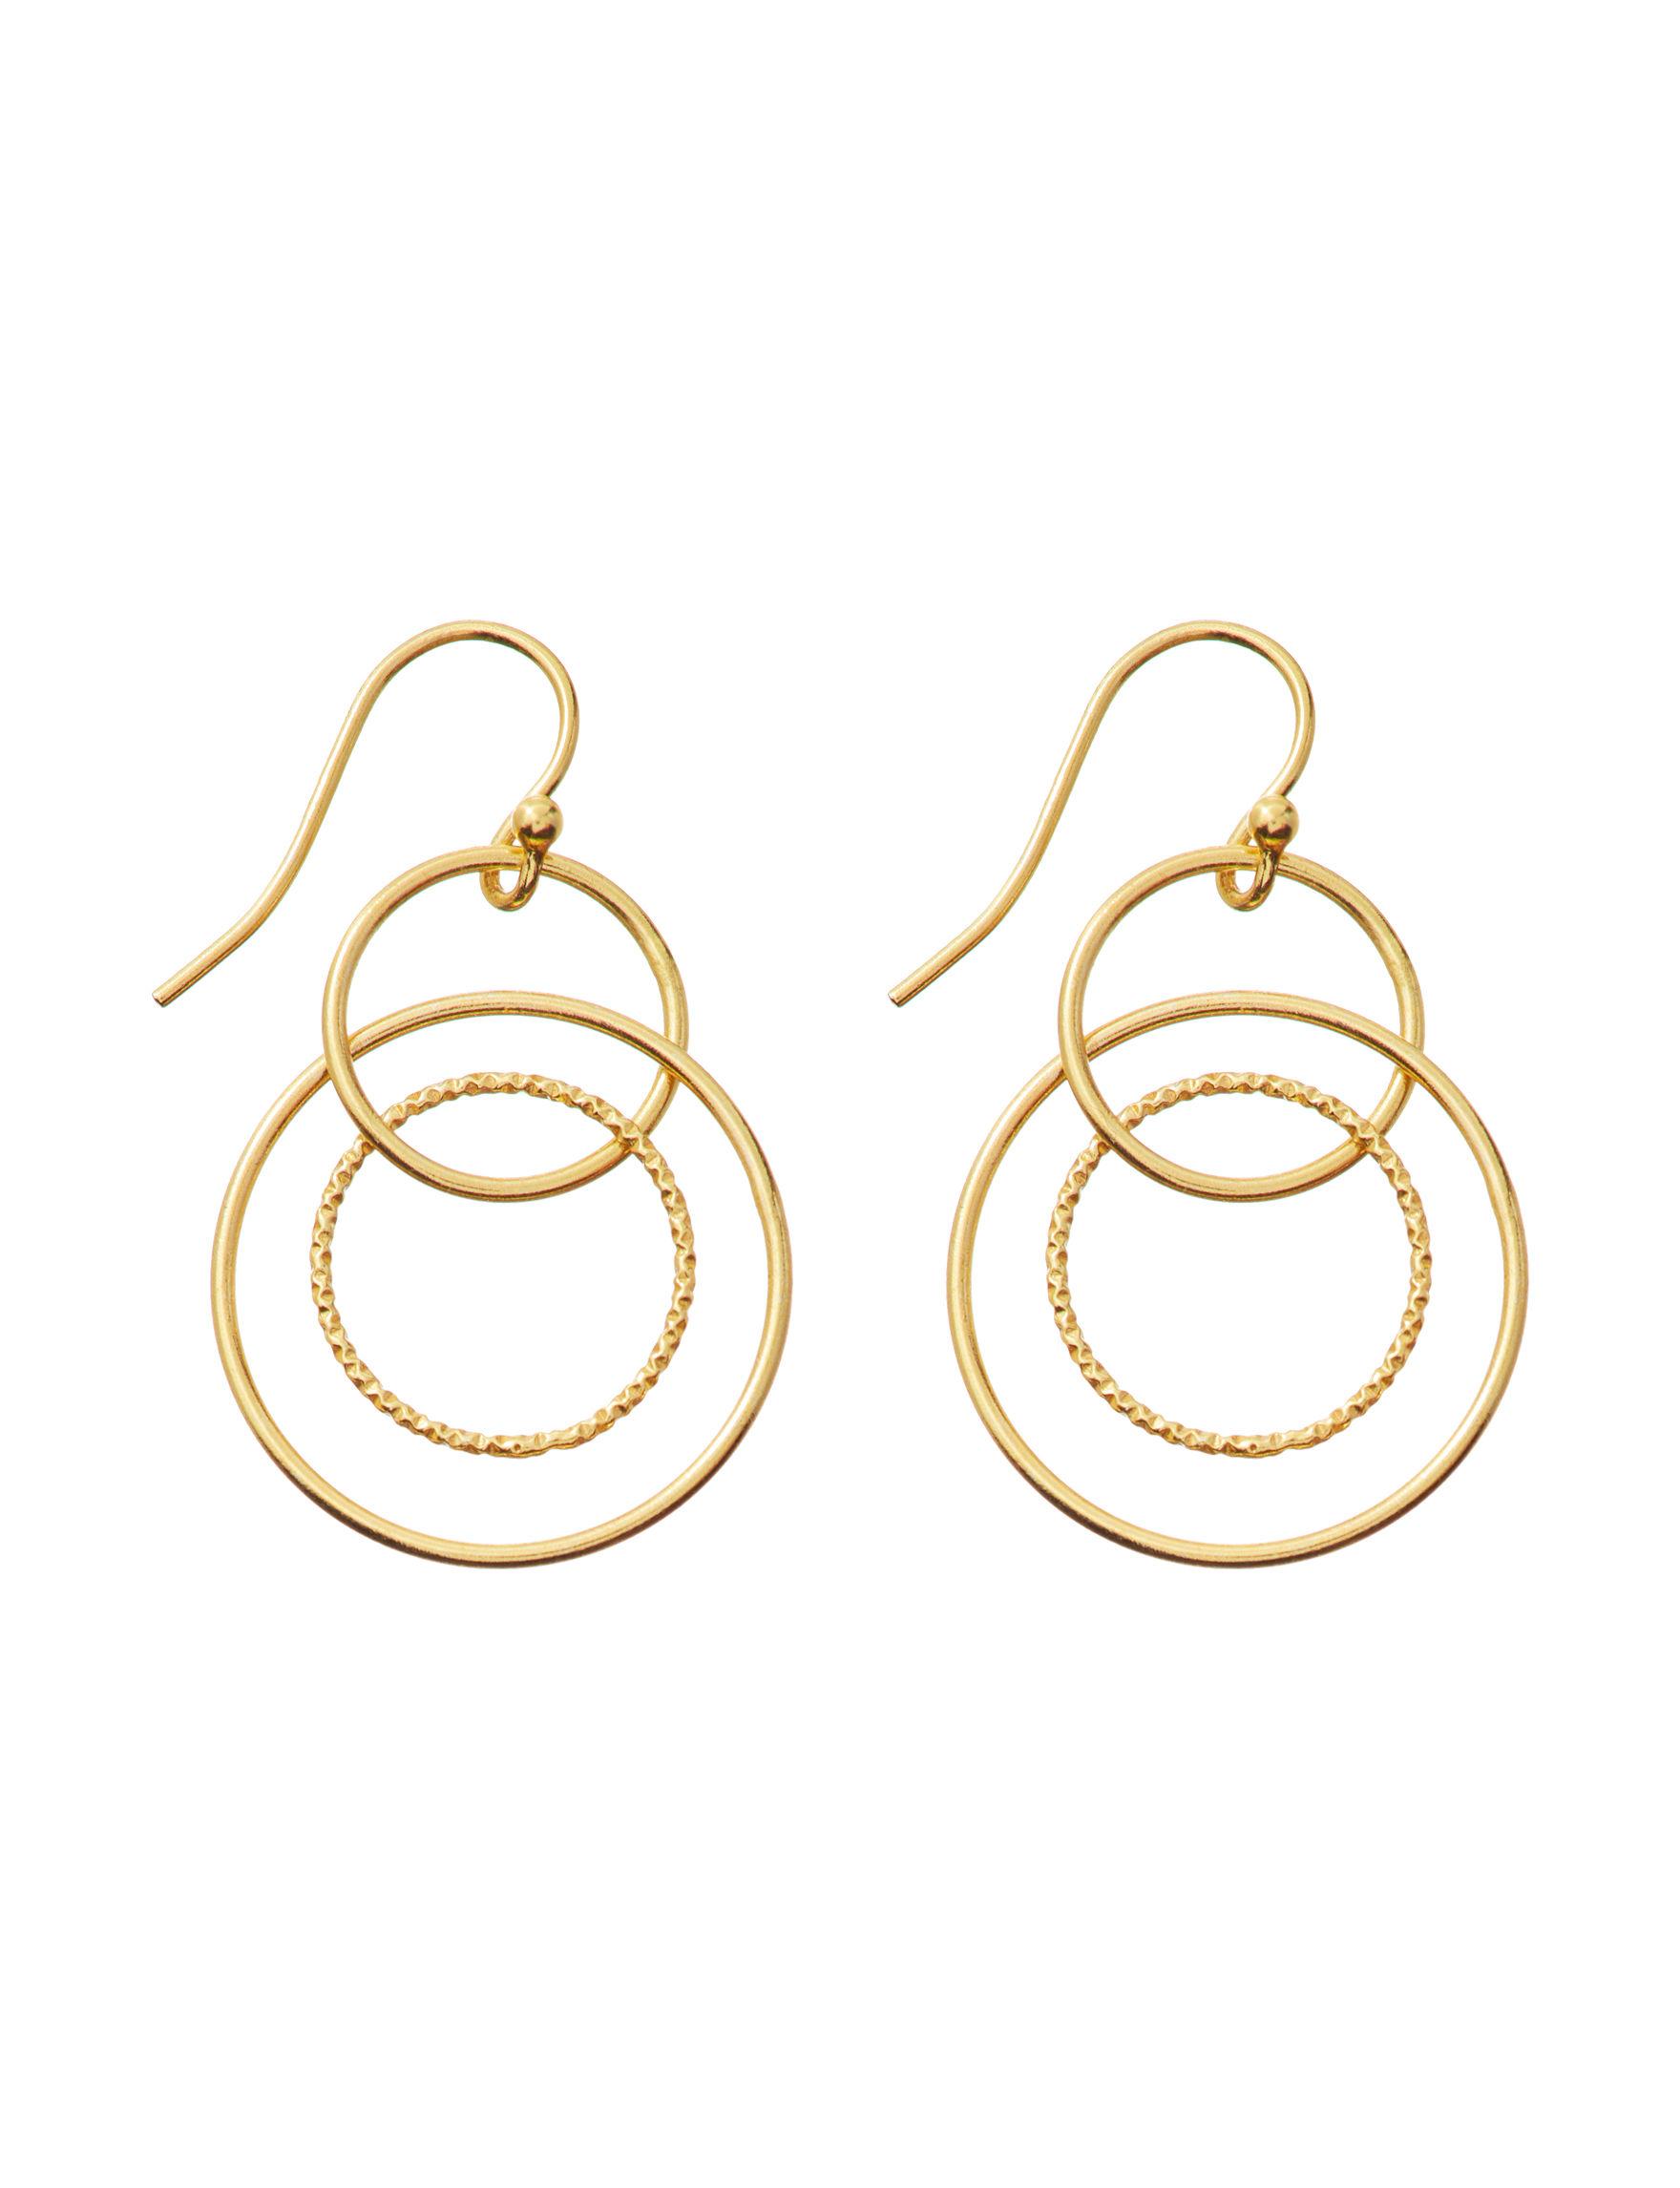 Marsala Gold Drops Earrings Fine Jewelry